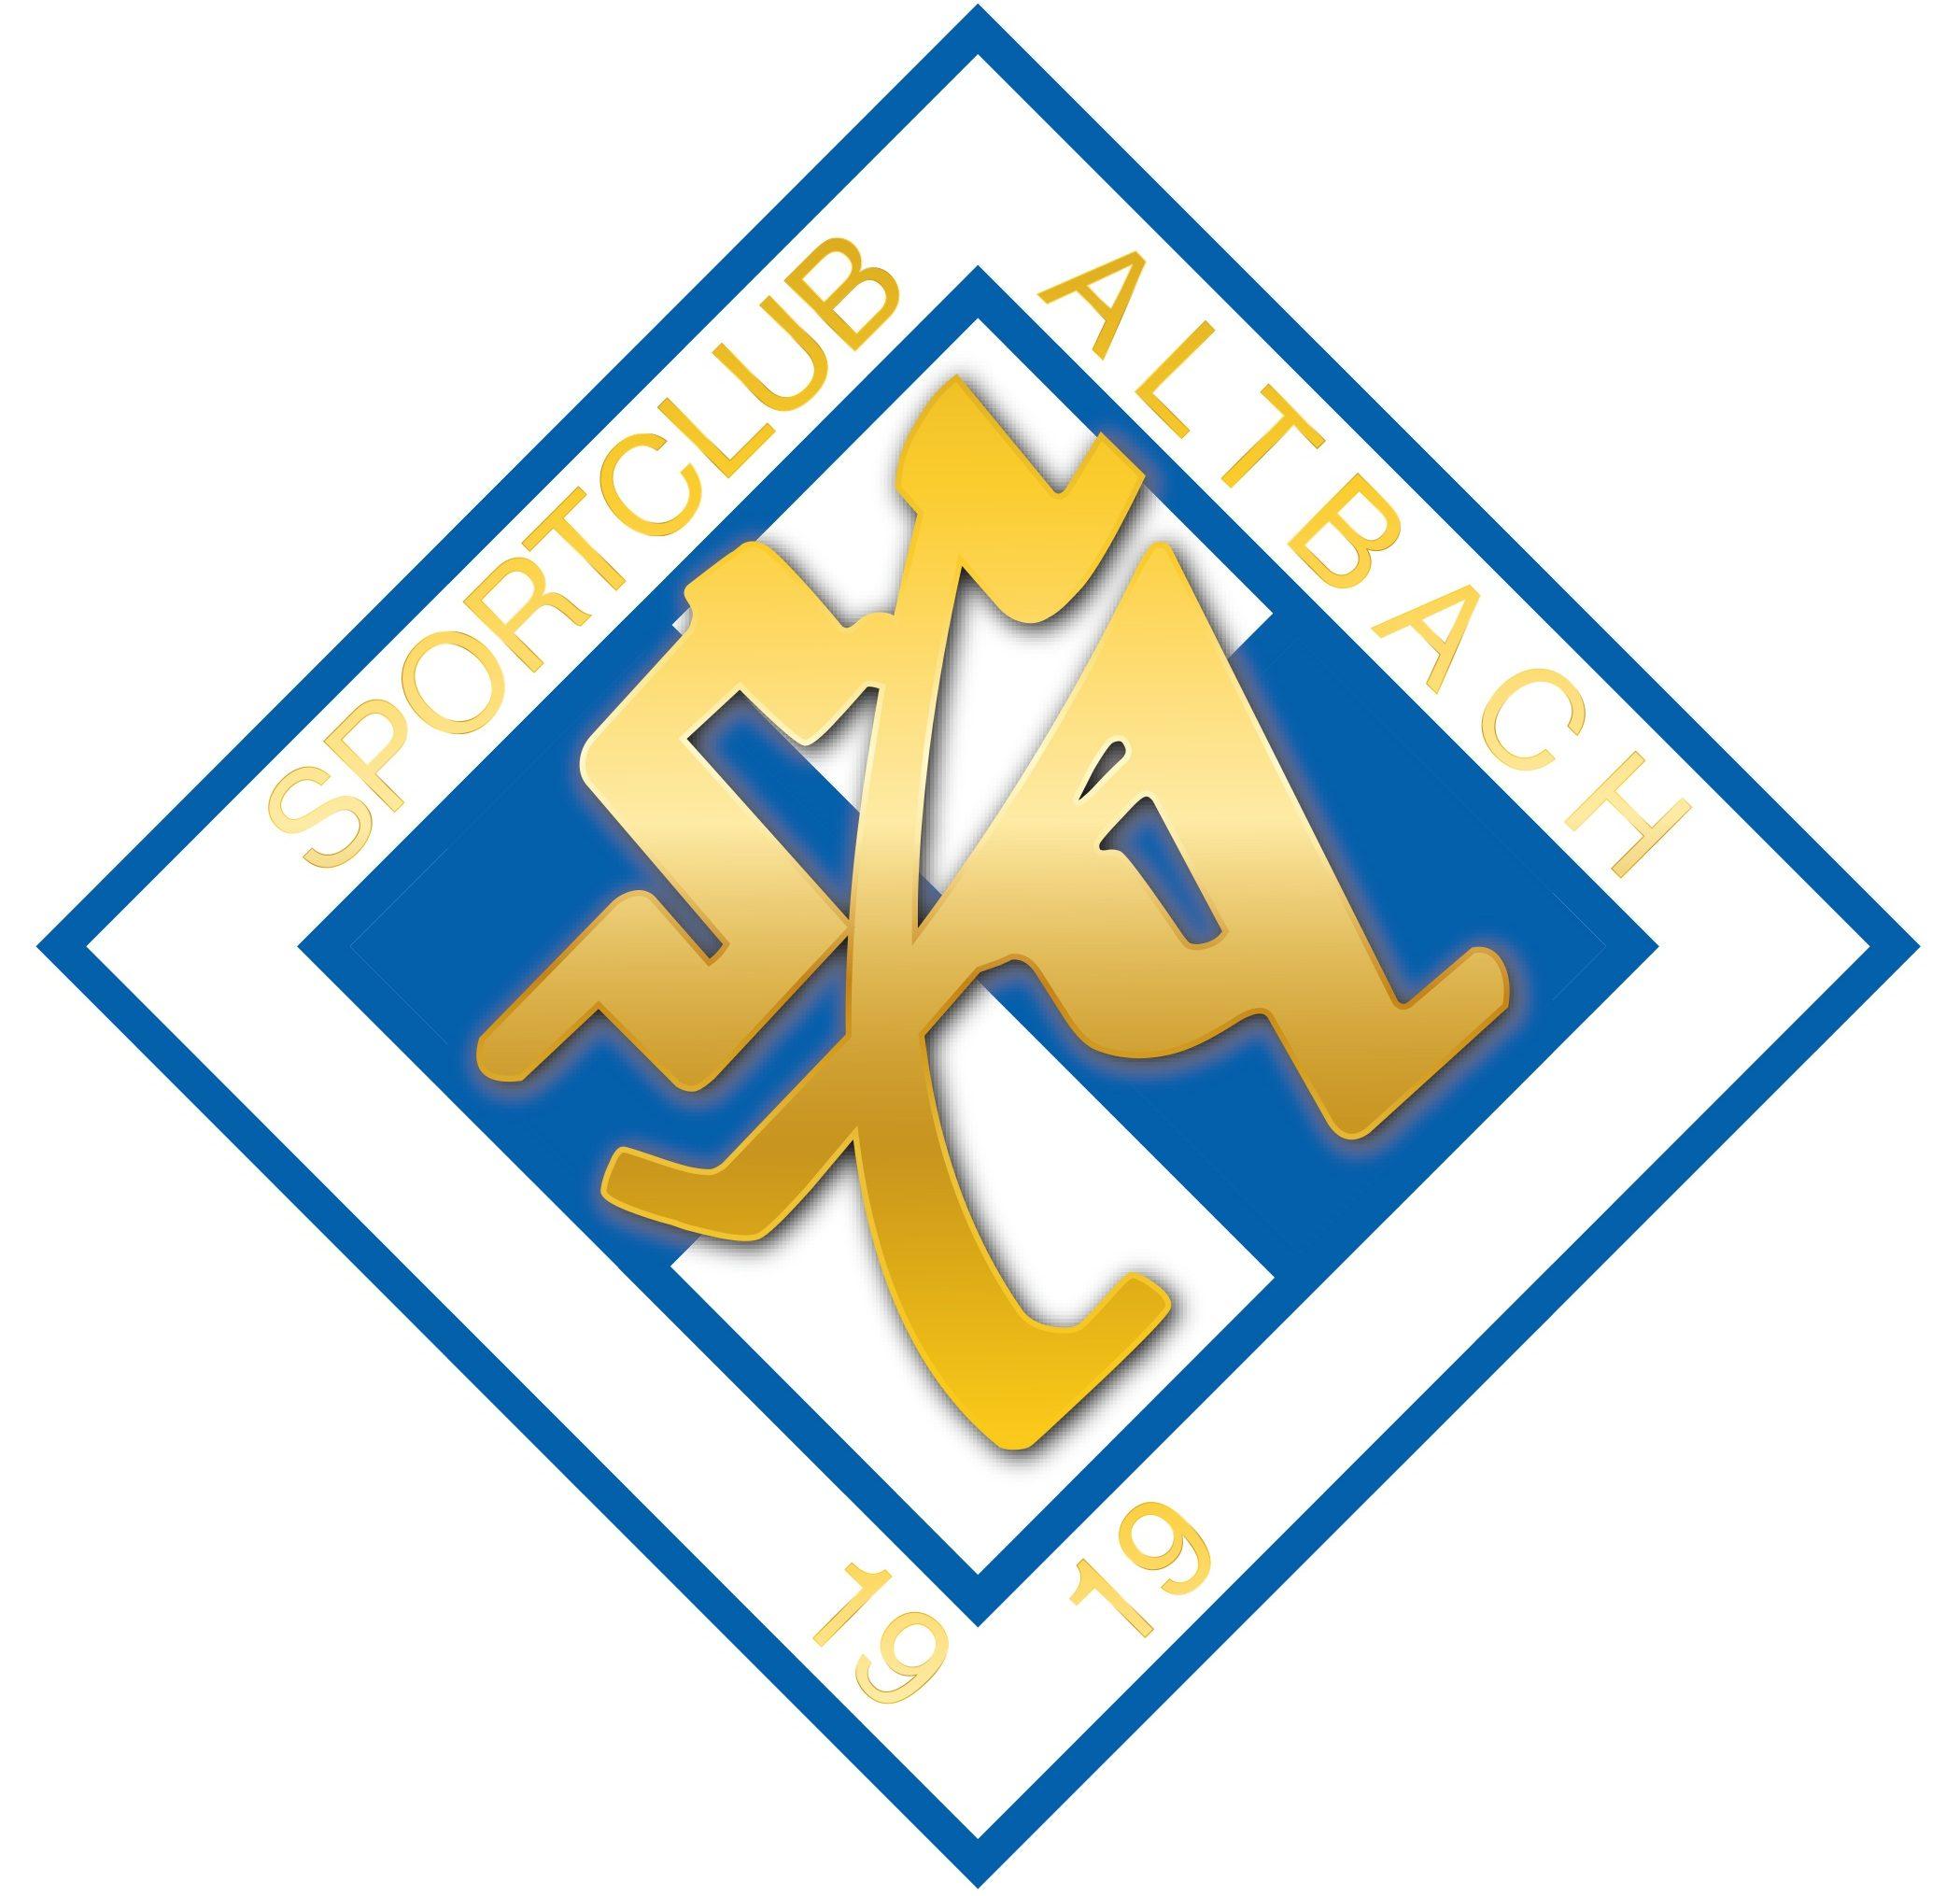 Sport-Club Altbach 1919 e.V.